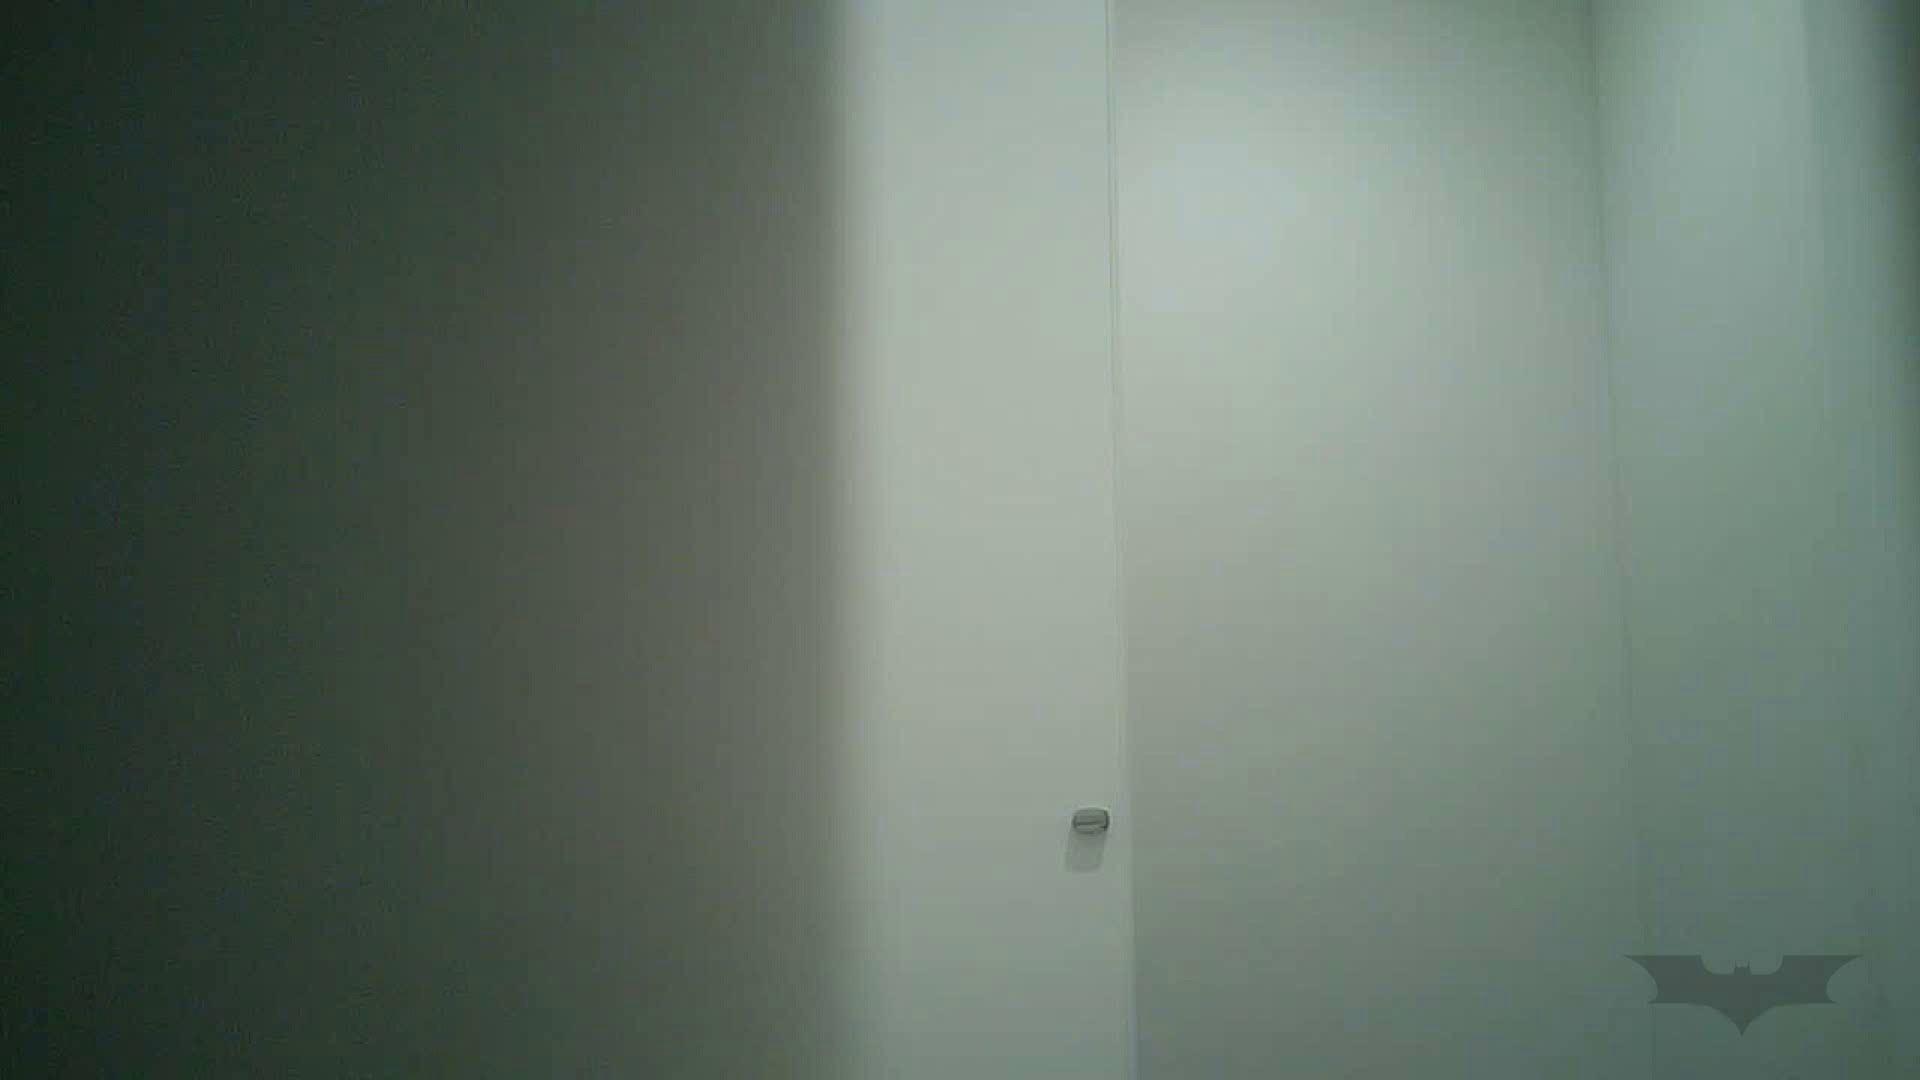 有名大学女性洗面所 vol.36 すっごい「ほじって」ます。 投稿 アダルト動画キャプチャ 60pic 45